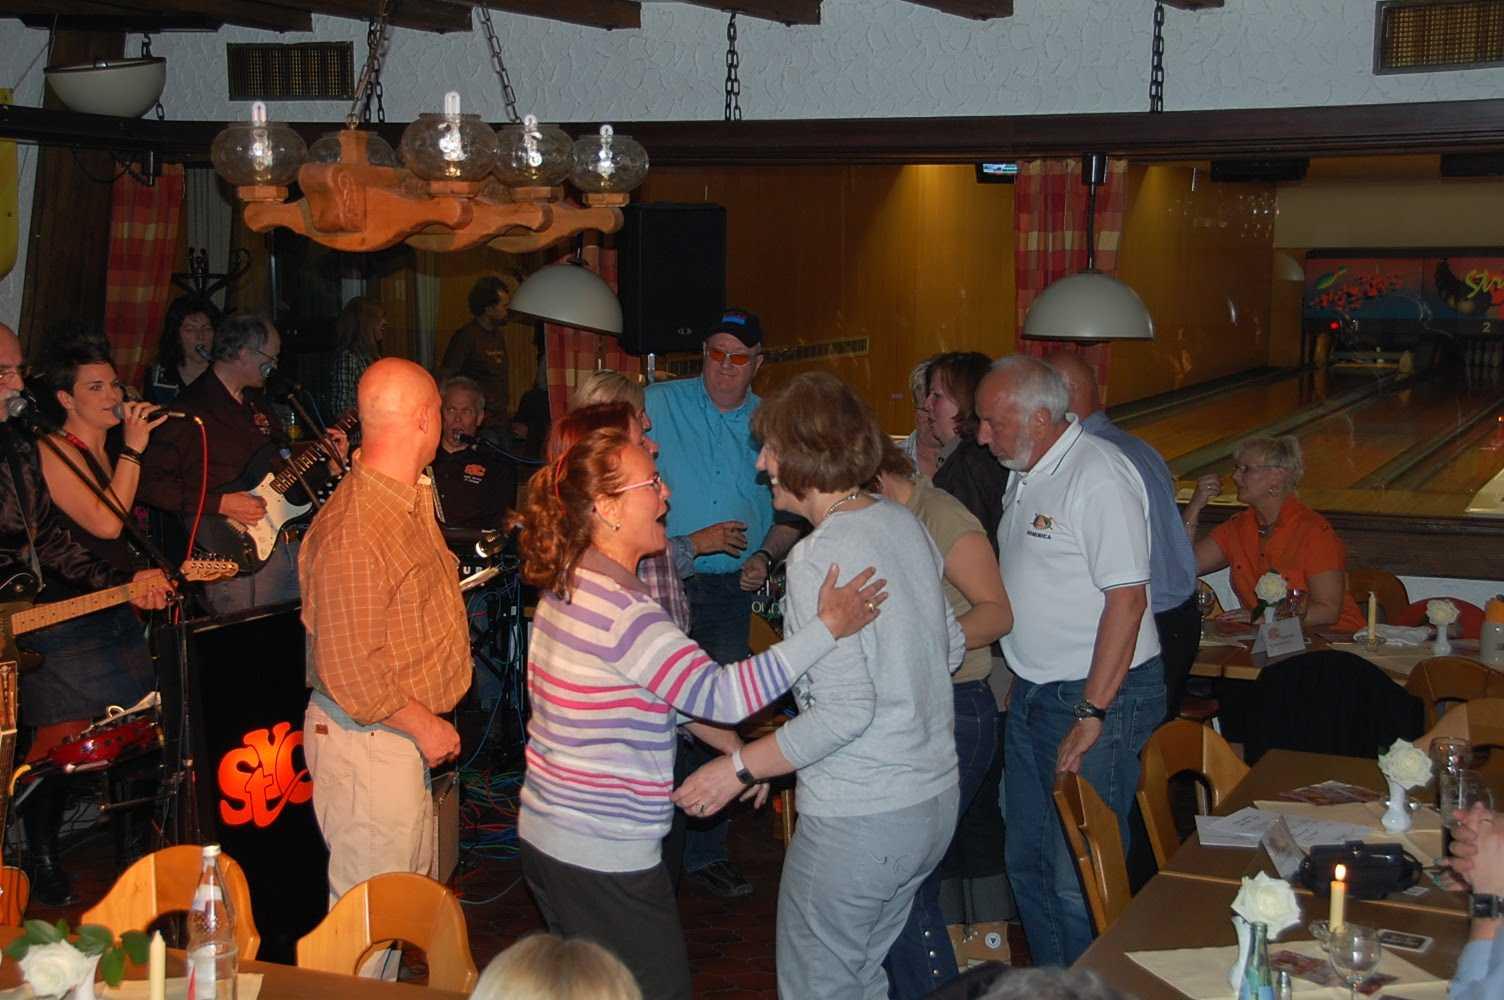 http://2.bp.blogspot.com/_9TBIkK0kfvM/S-GeEZxJ43I/AAAAAAAADR4/wpaLliEbVog/s1600/je+danse.jpg